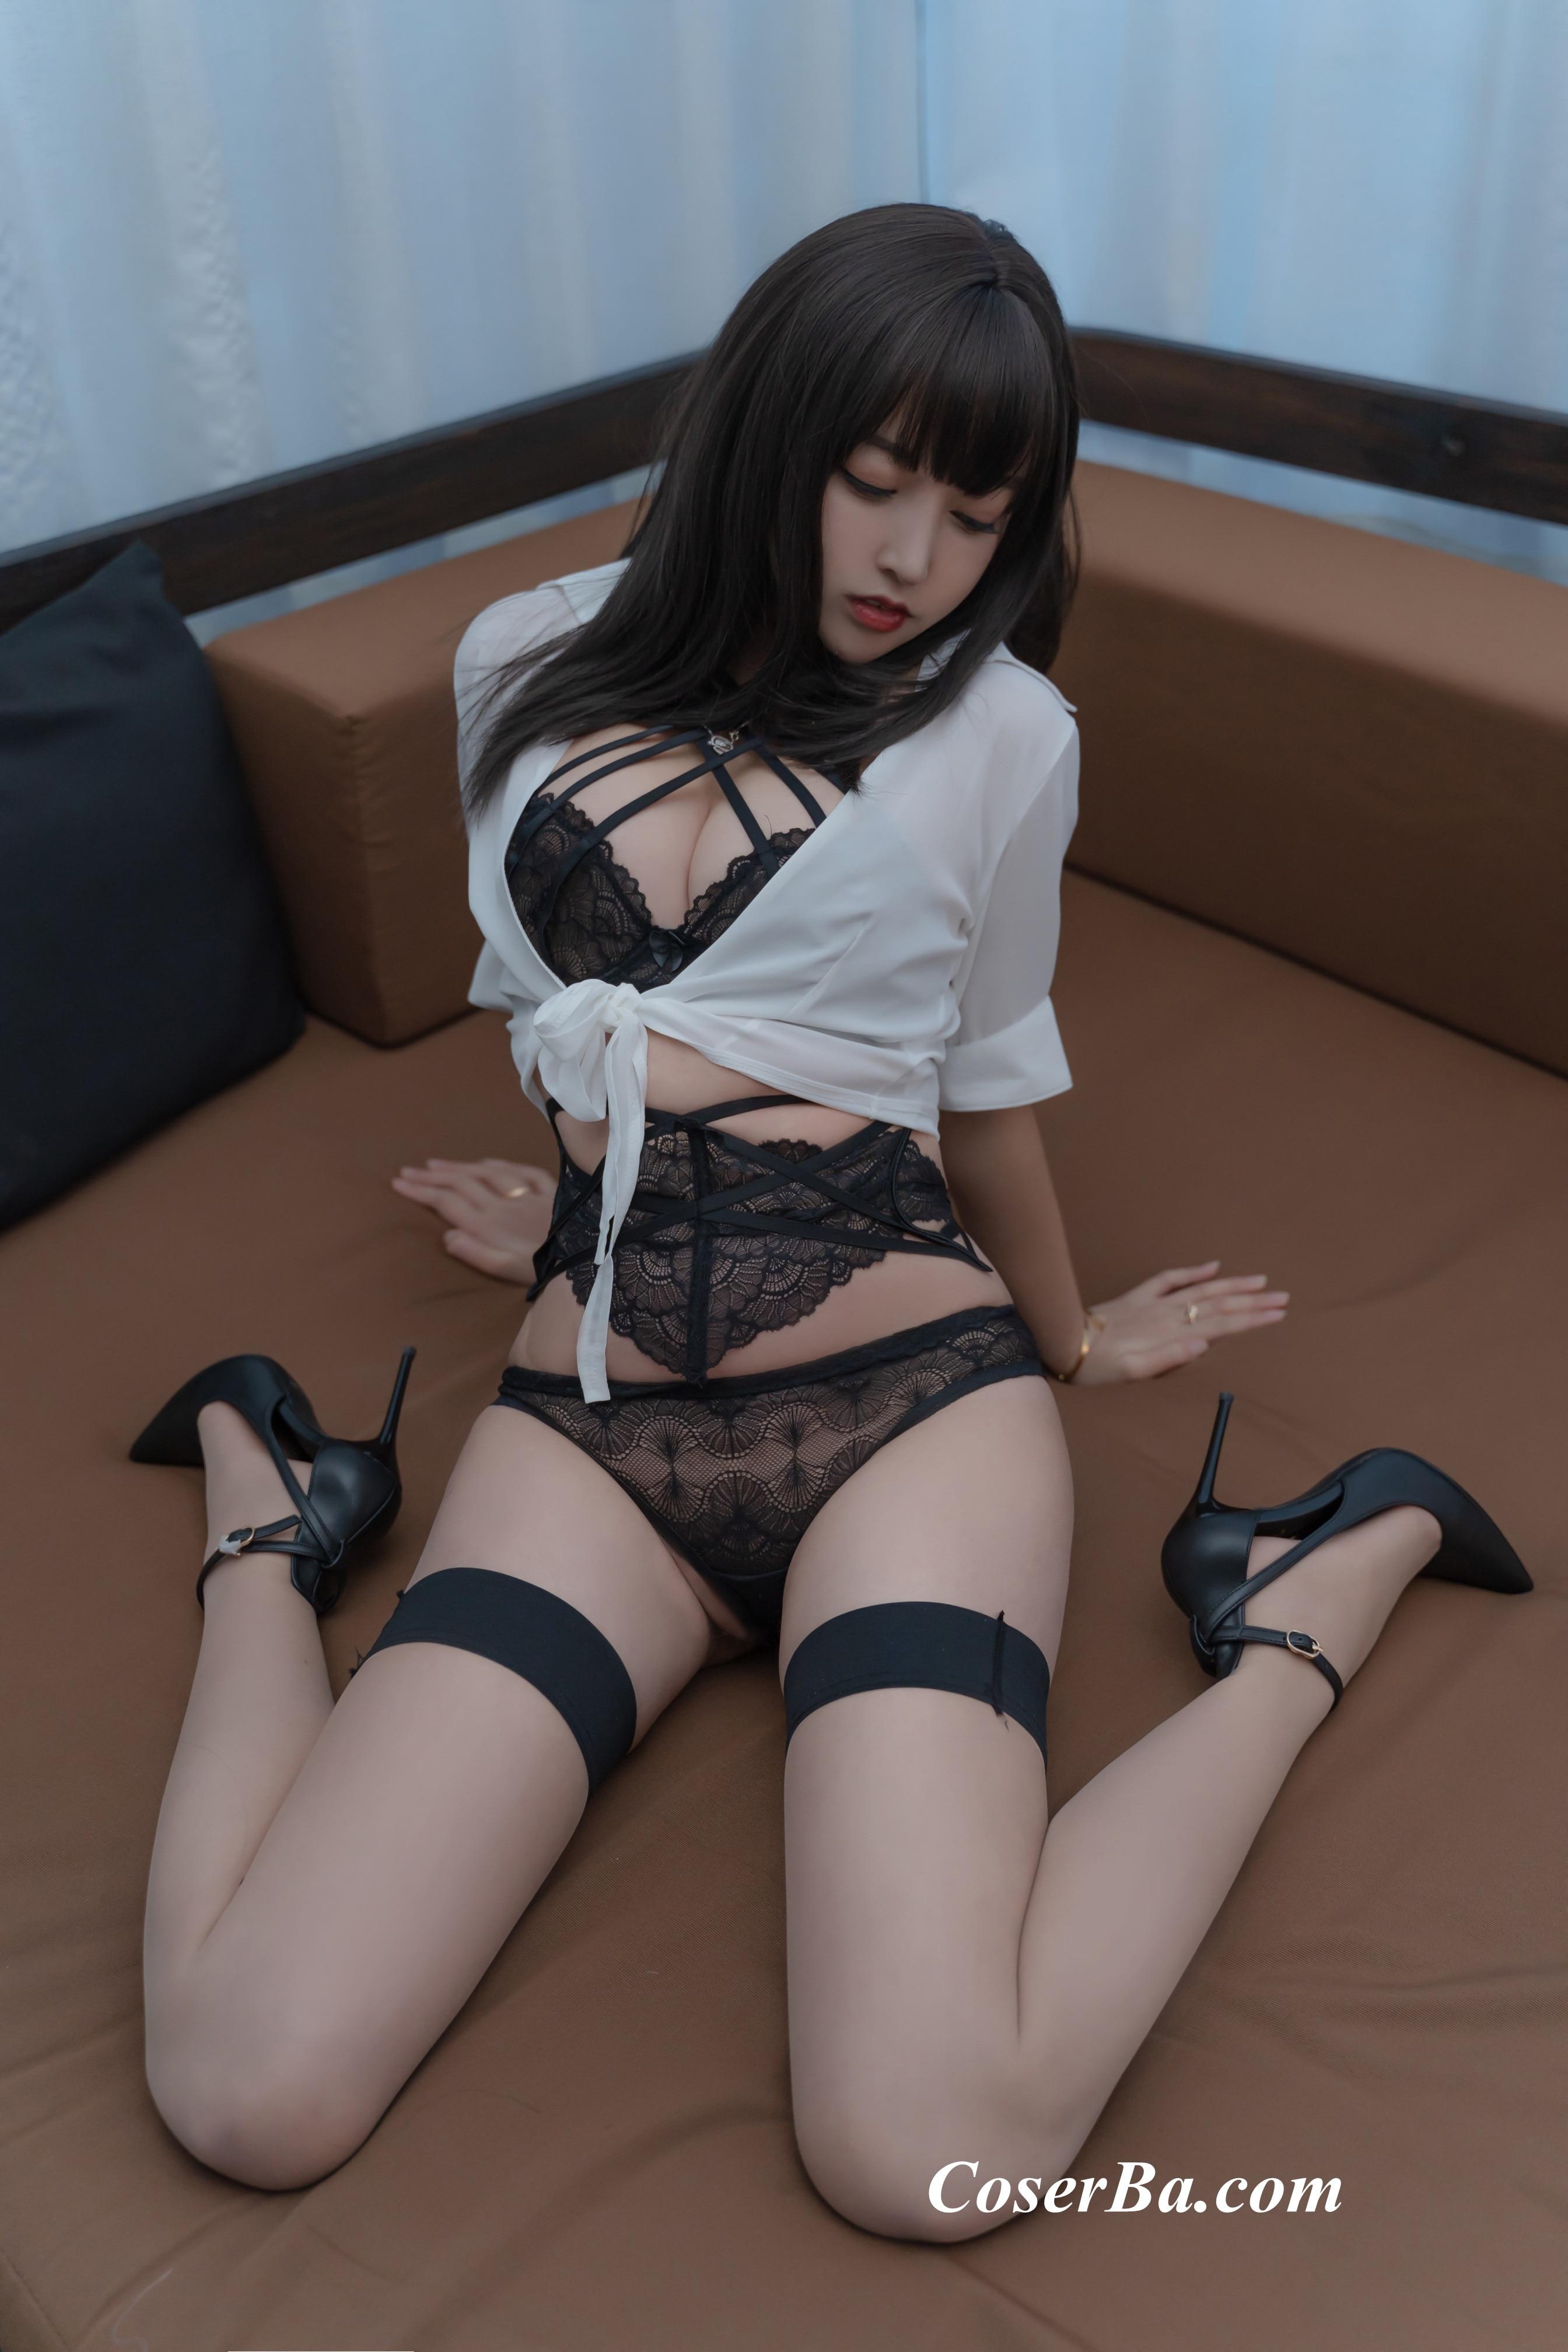 过期米线线喵 2套作品职场新人+胶衣恶魔[89P/166M] www.coserba.com整理发布